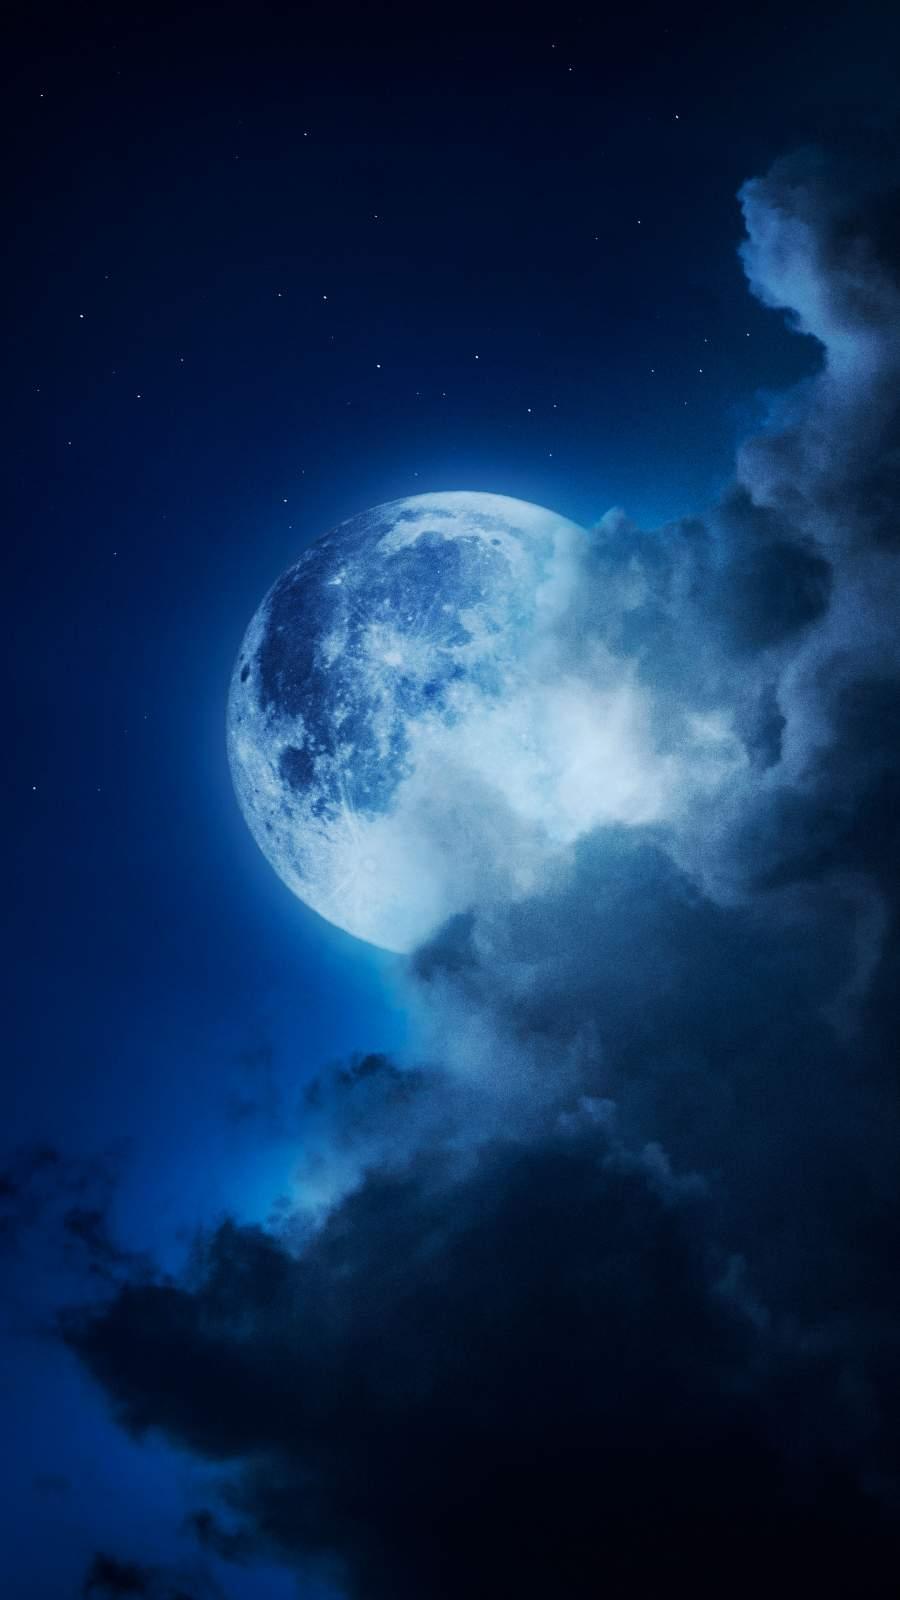 Moon in Cloud iPhone Wallpaper